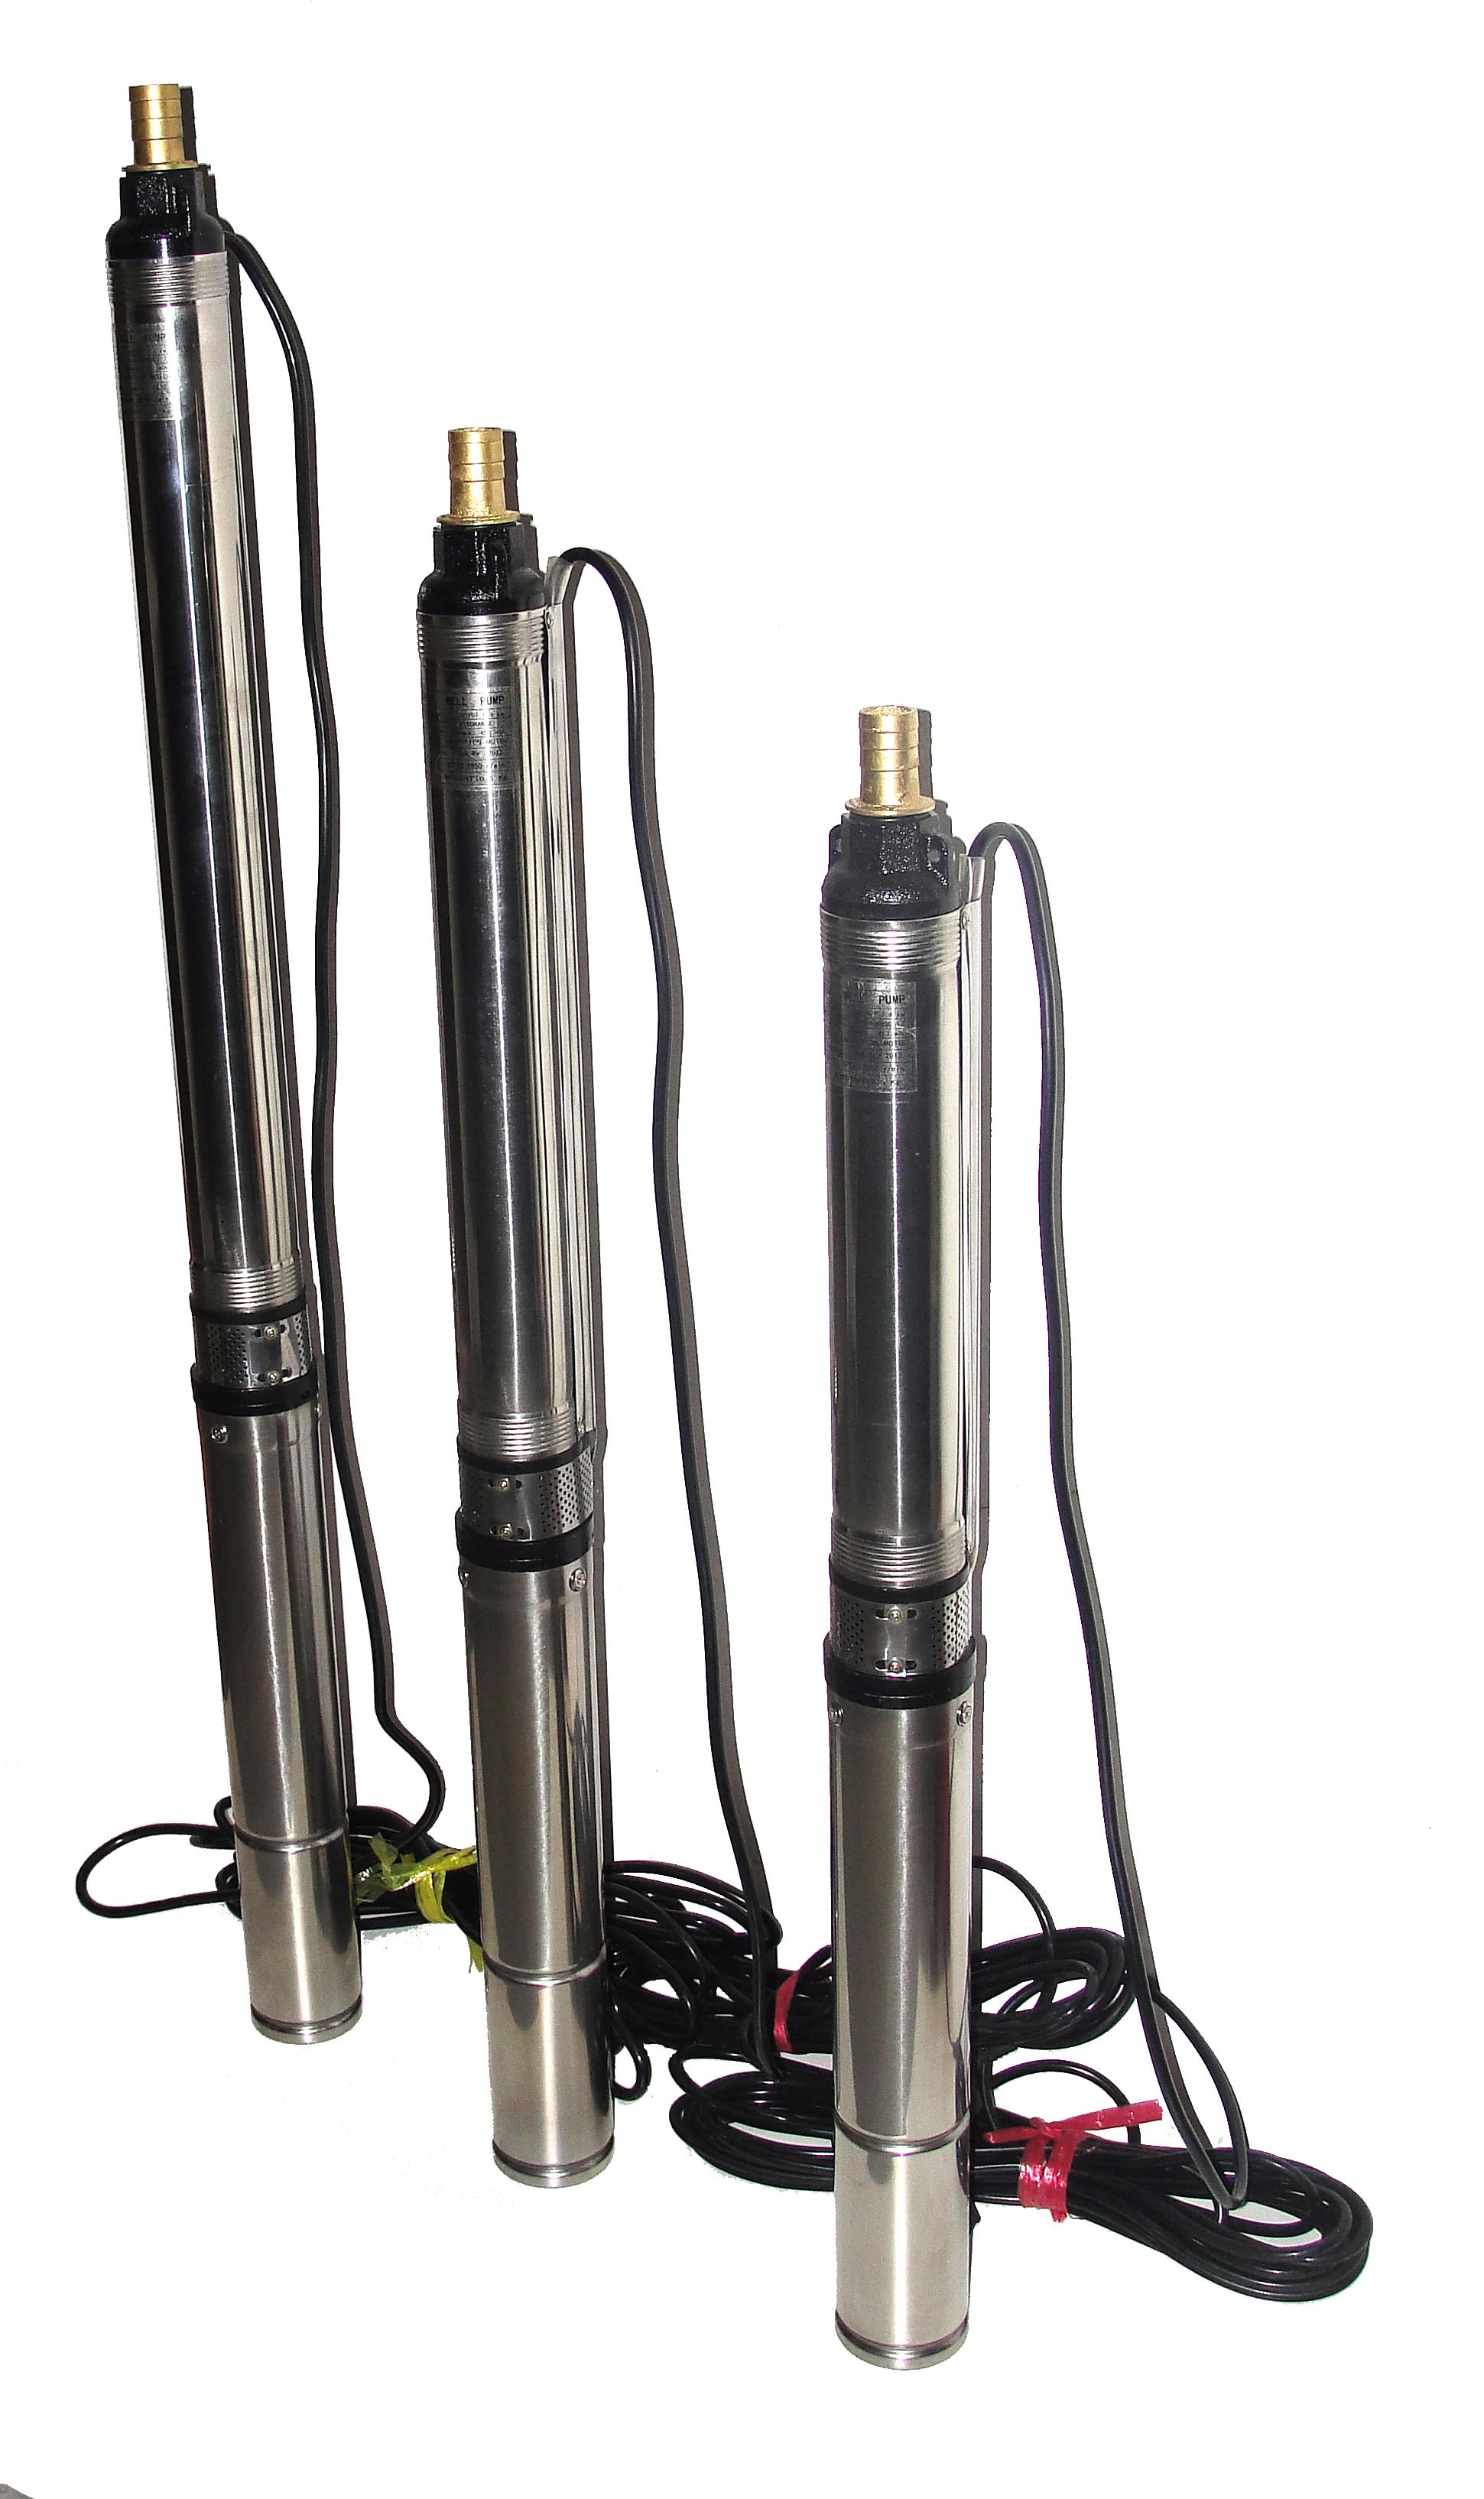 Как выбрать насос для скважины: какой лучше использовать?